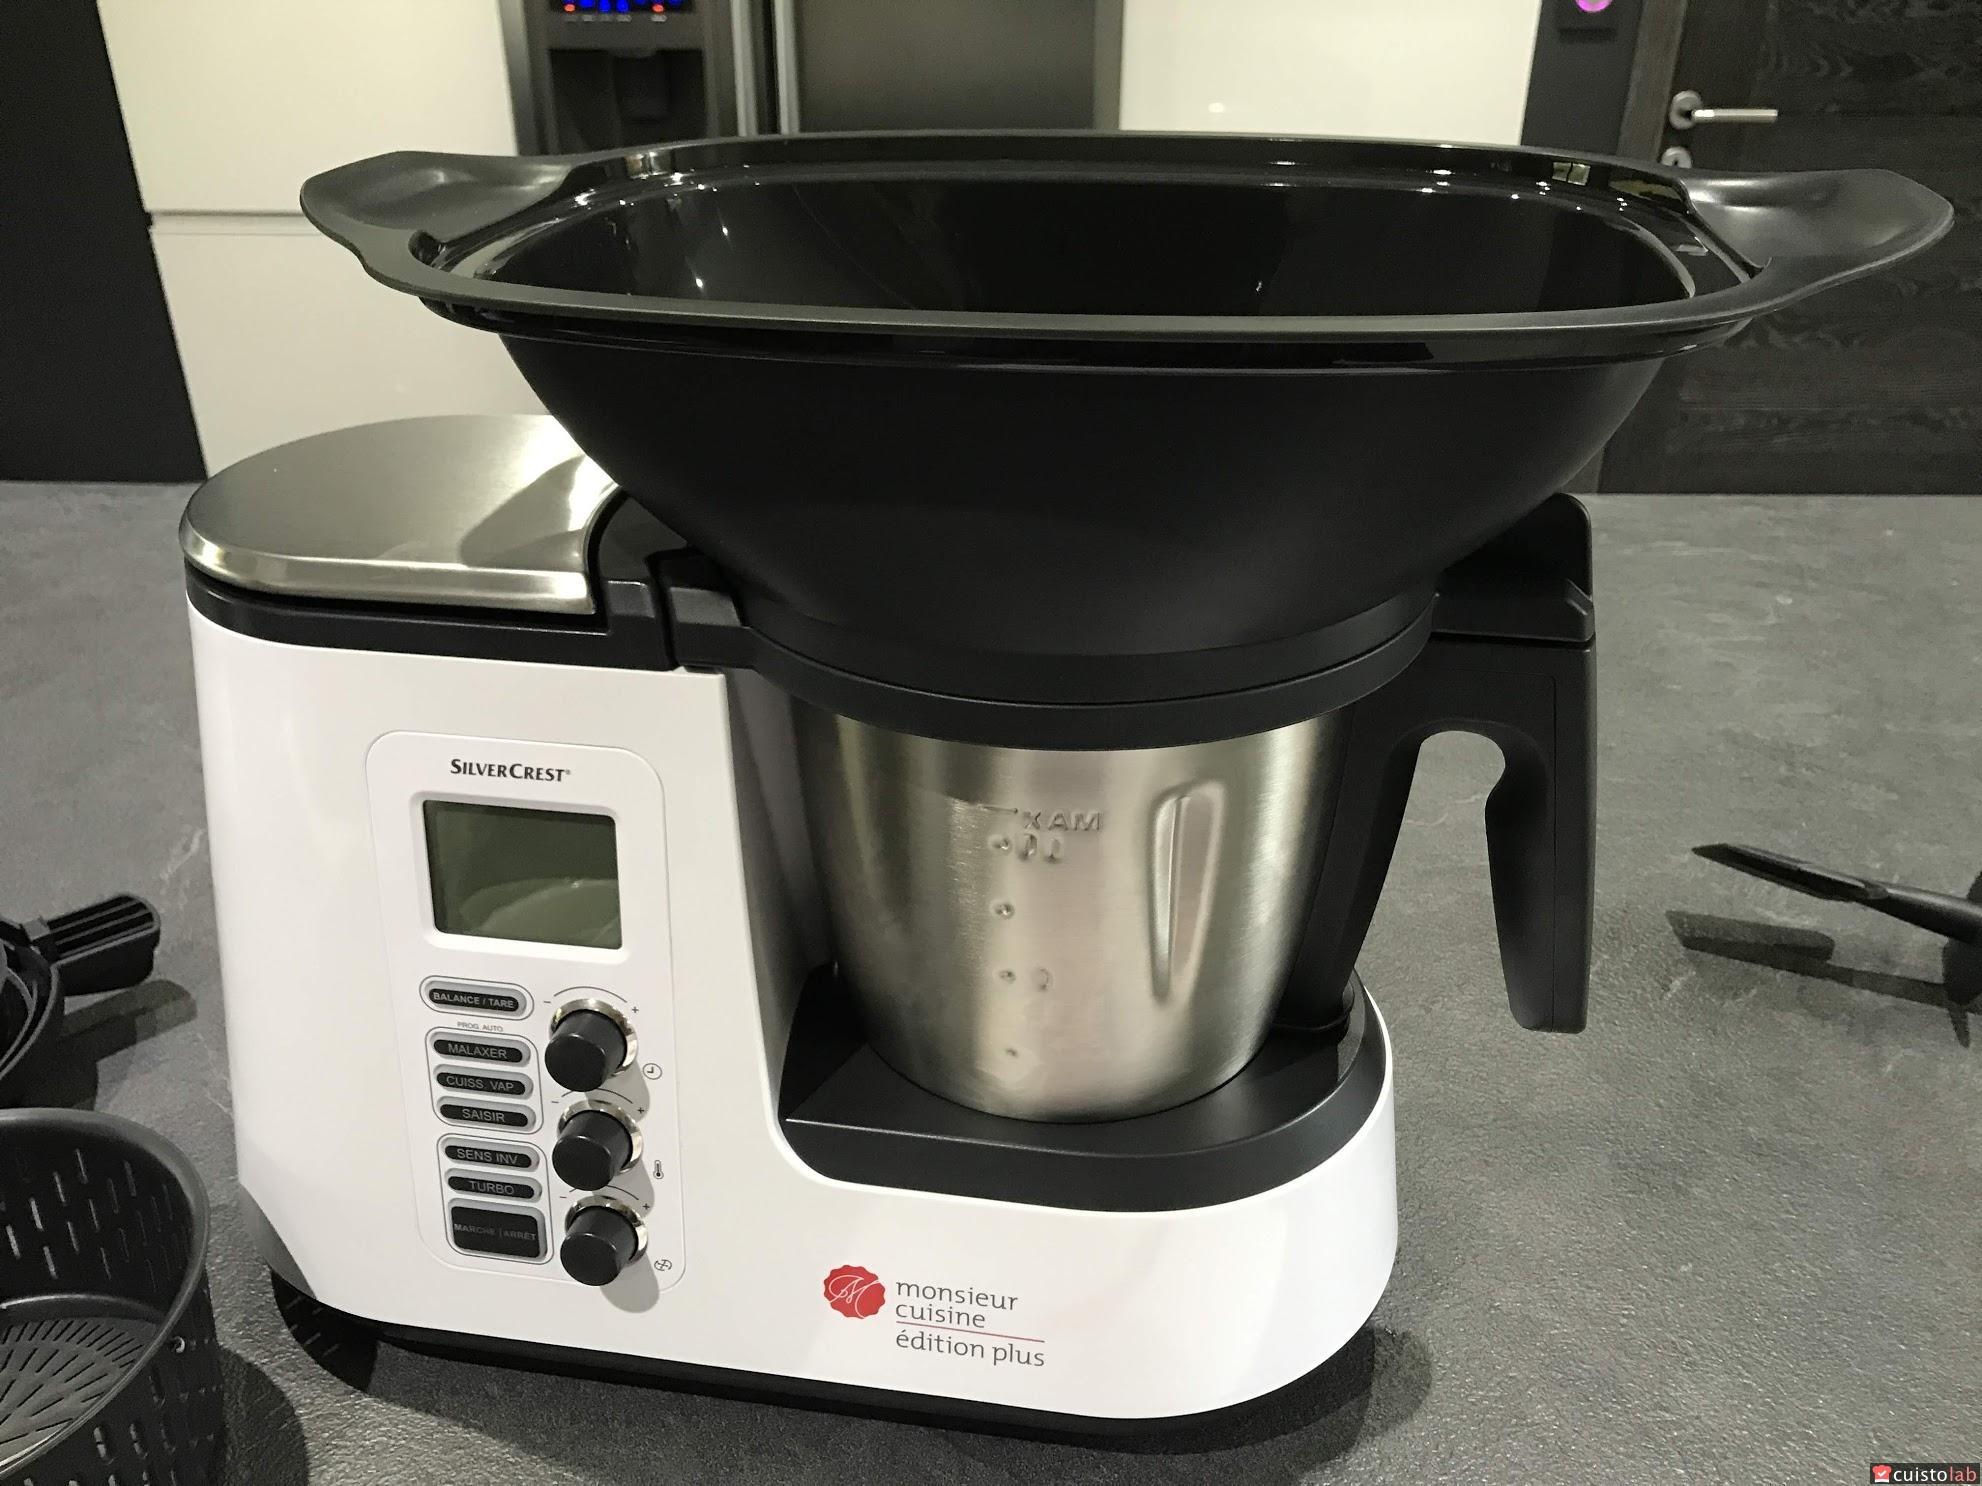 Nouvelle Sortie Du Robot Monsieur Cuisine Lidl